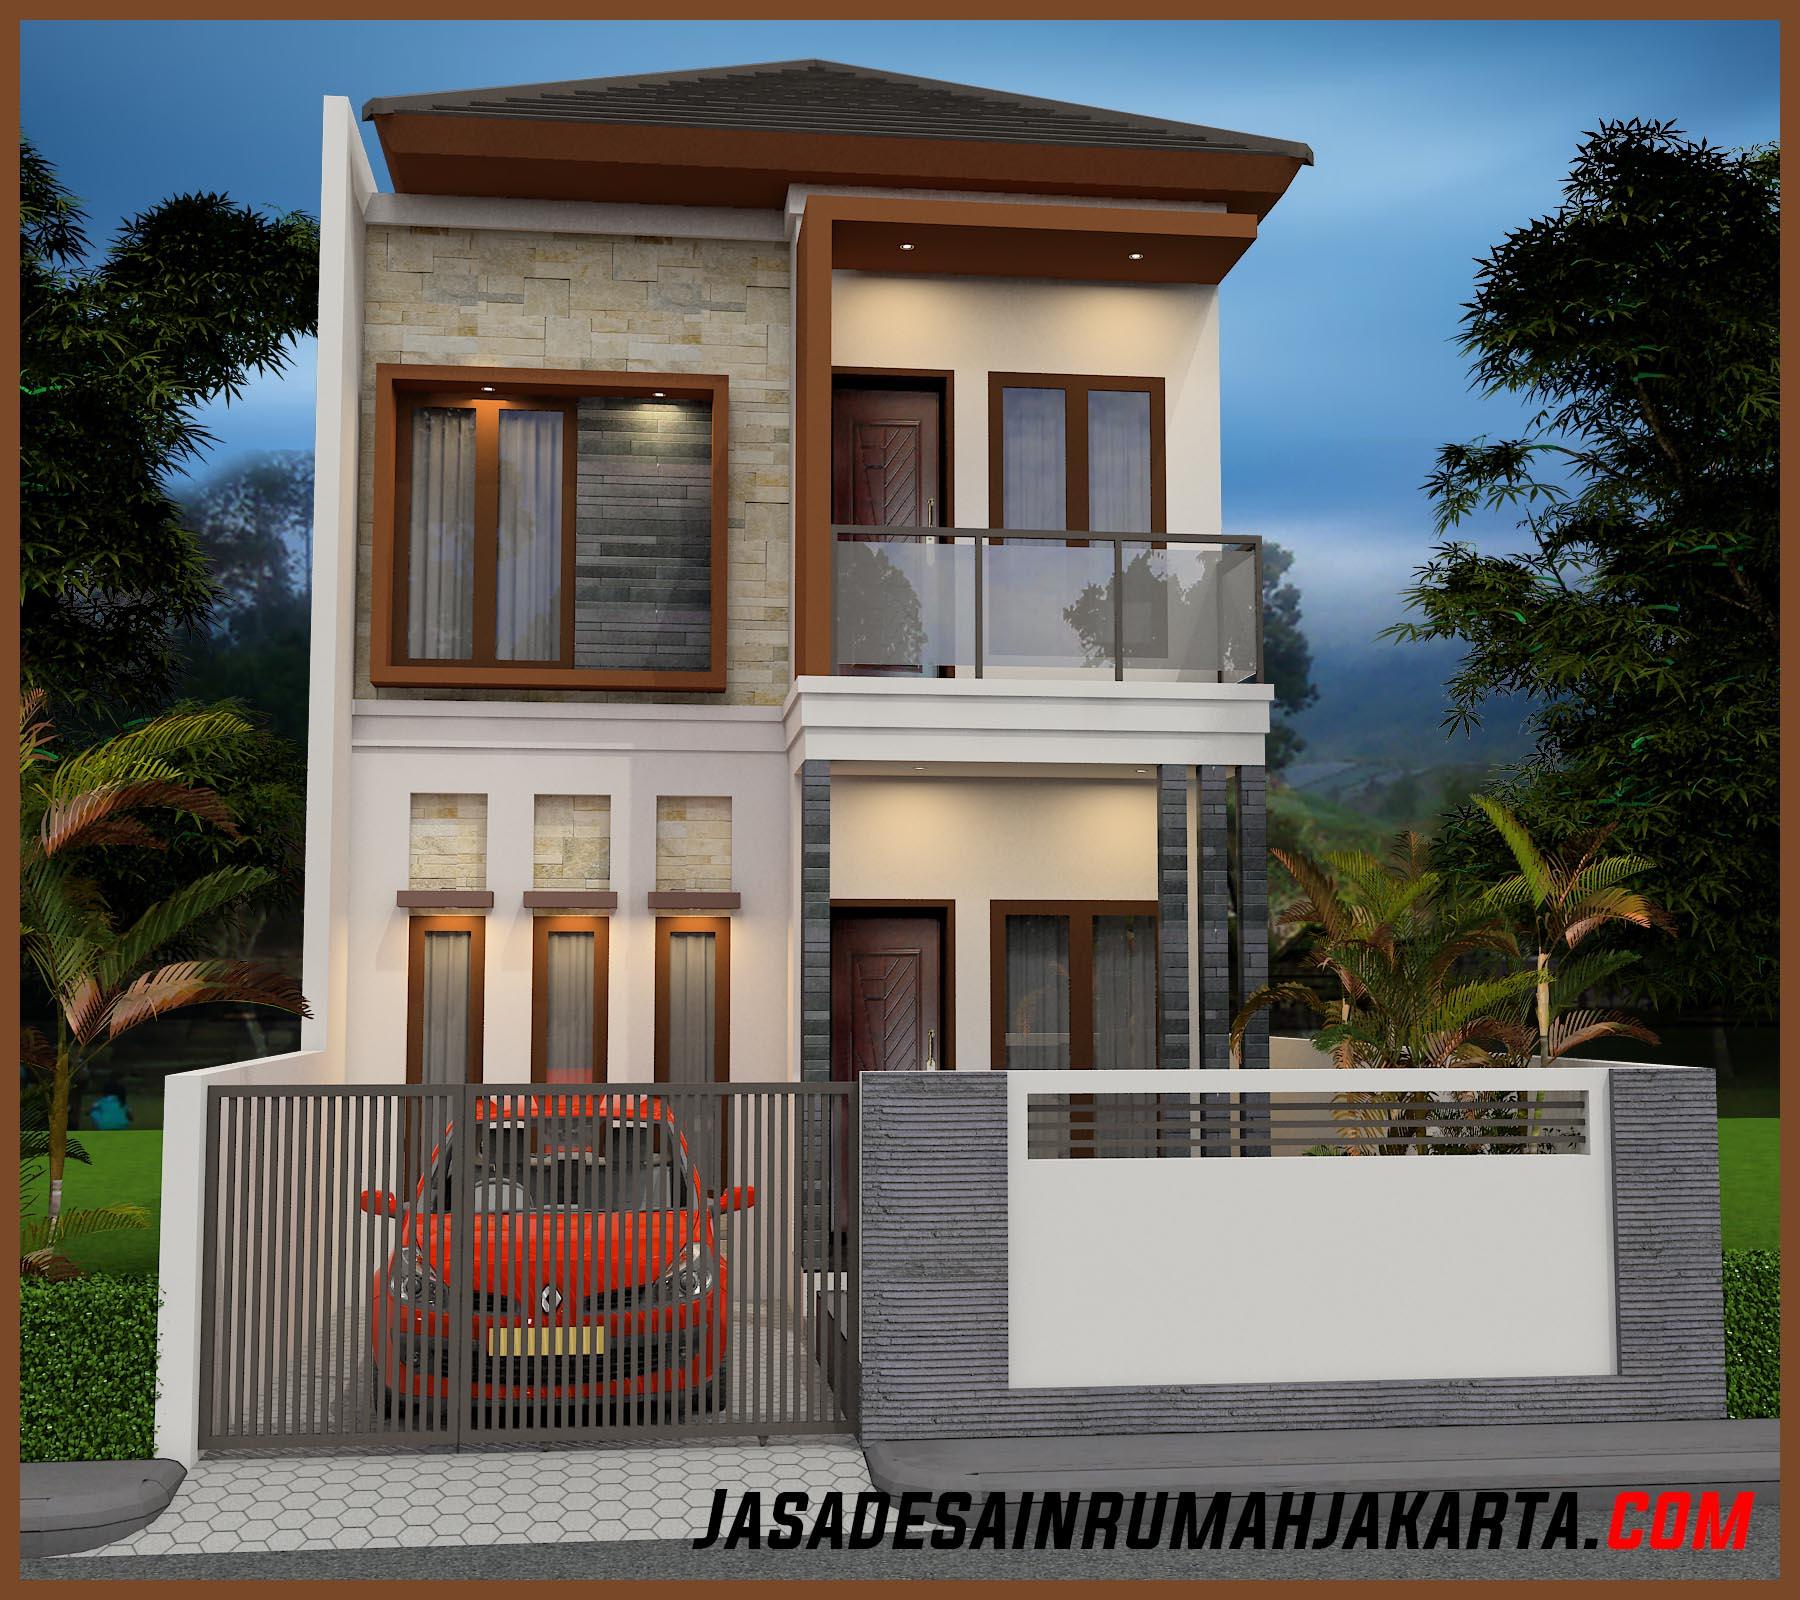 Gambar Rumah  Model Terbaru  2019 Arsip Jasa Desain Rumah